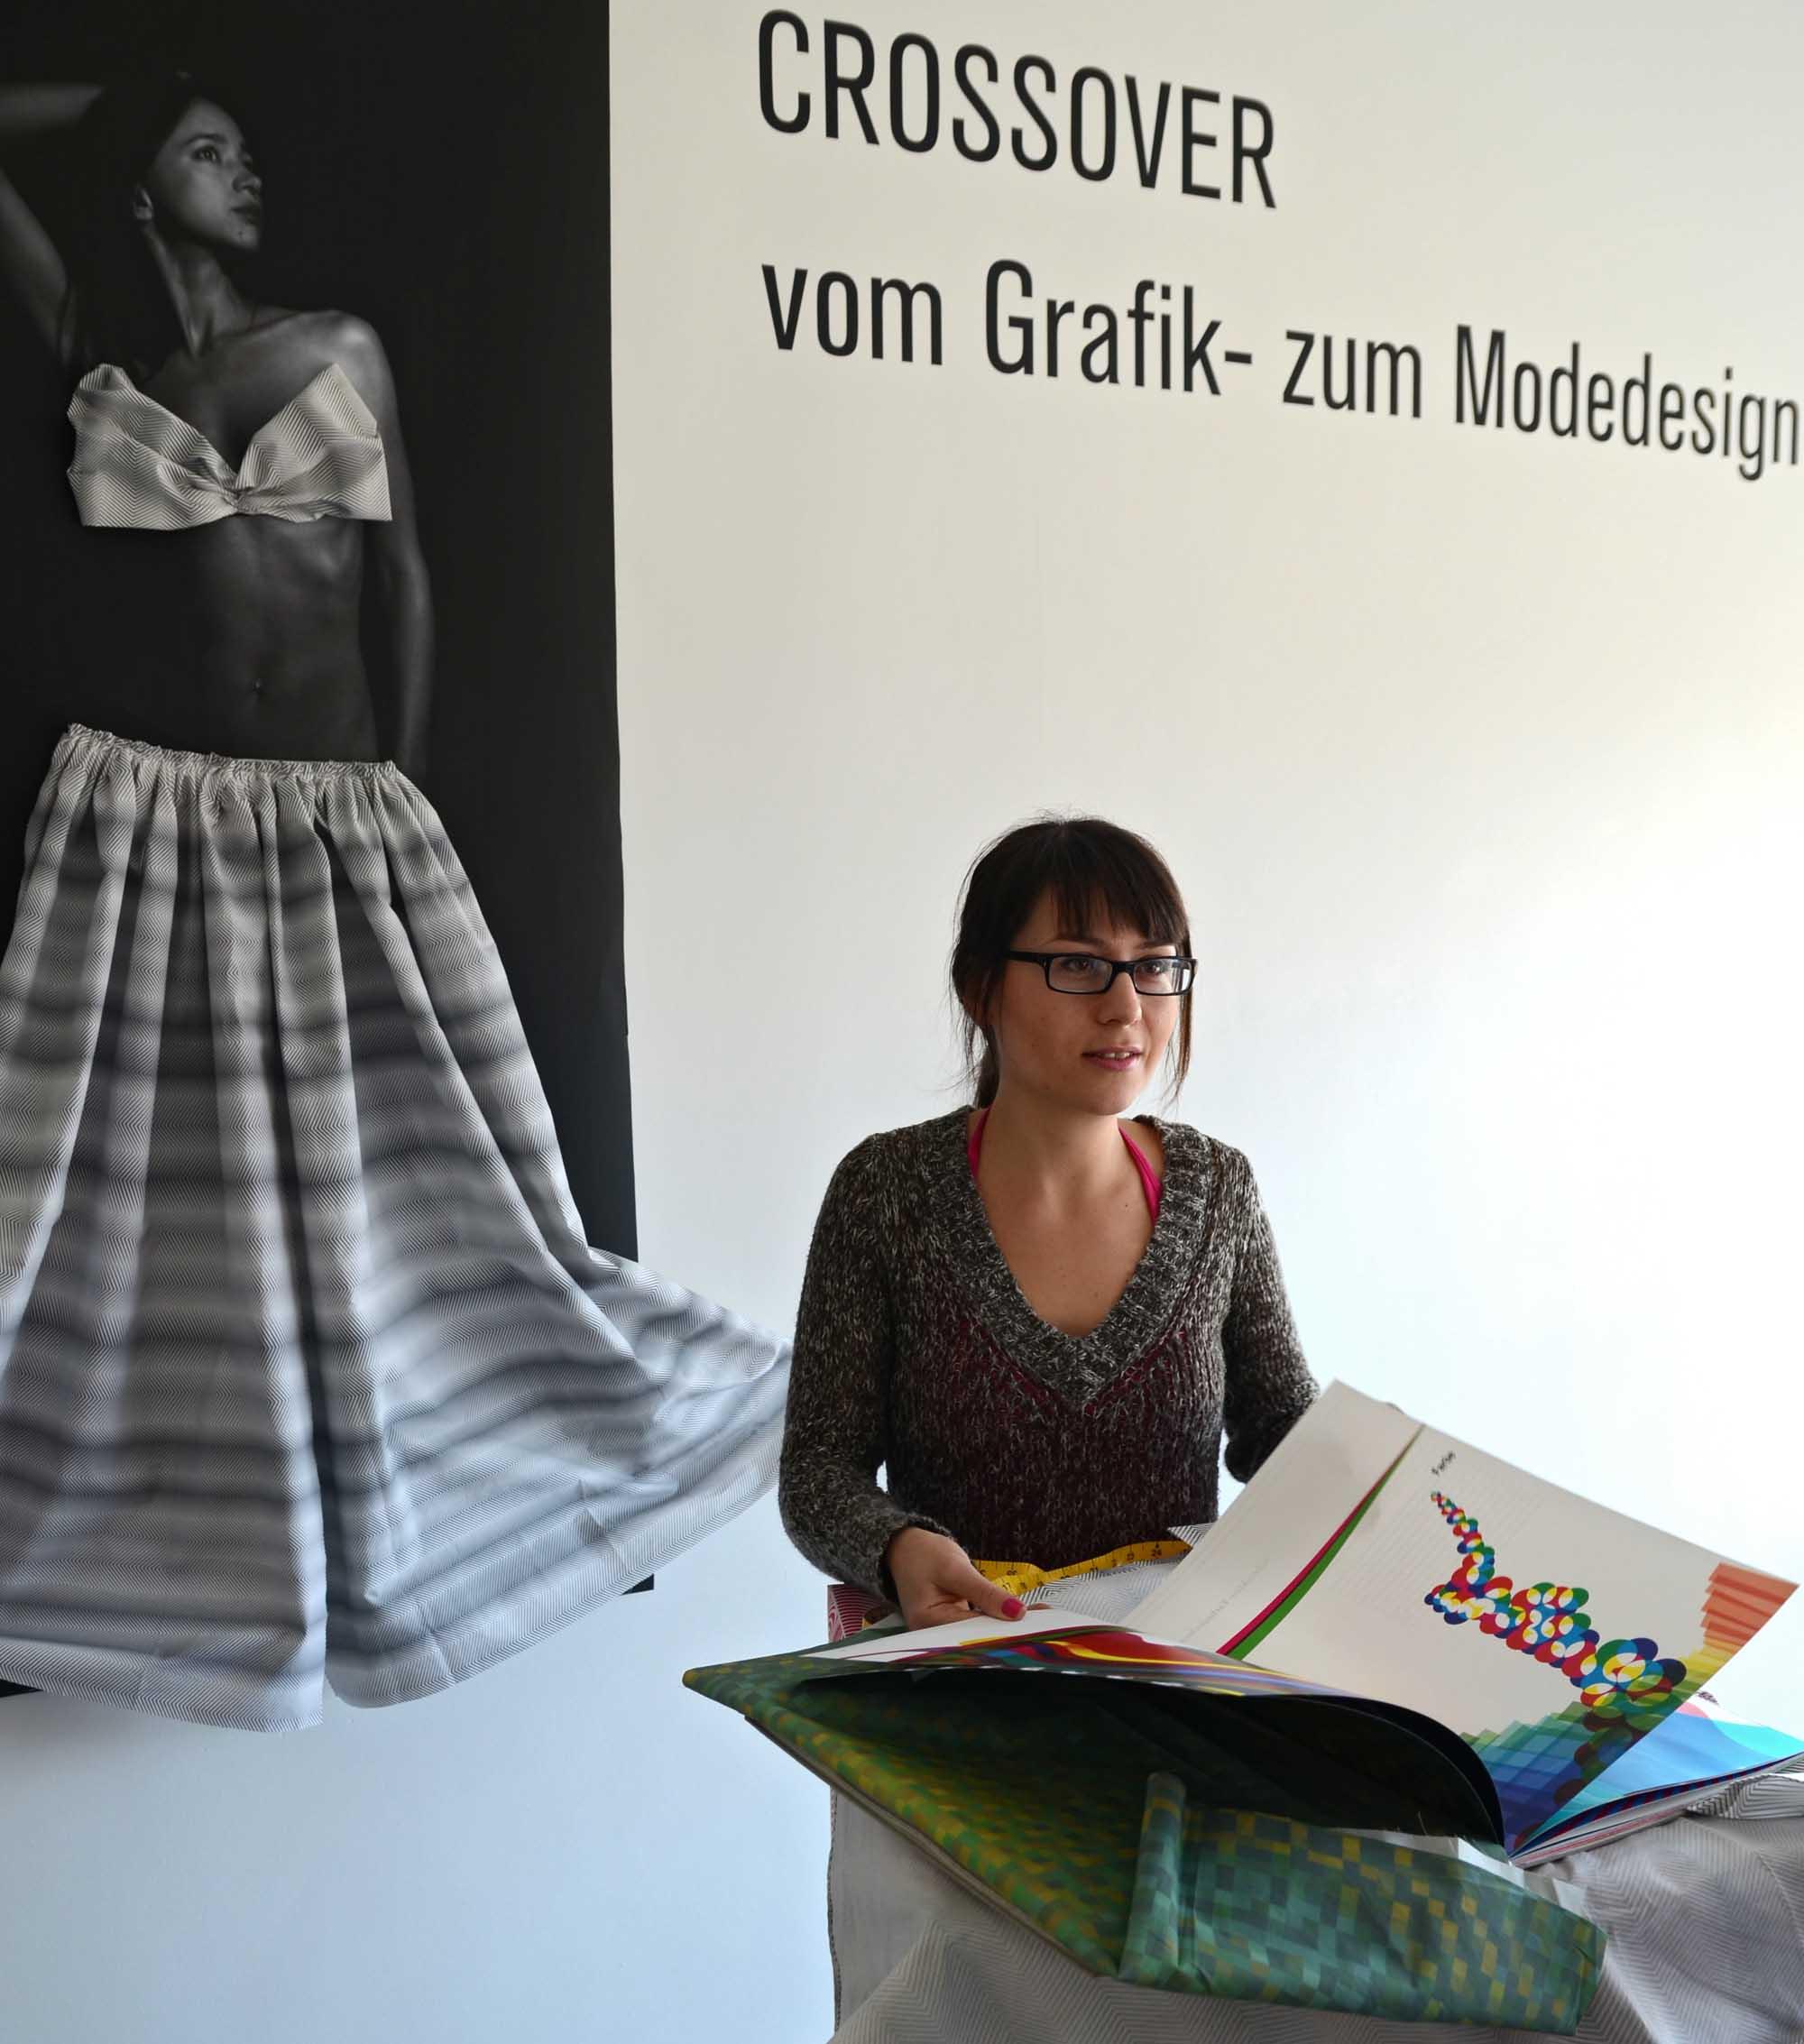 """Experimentell: Magdalena Petkova zeigt in ihrem Buch """"Crossover. Vom Grafik- zum Modedesign"""" interessante Phänomene der grafischen Gestaltung als Ideengeber für Stoffmuster."""